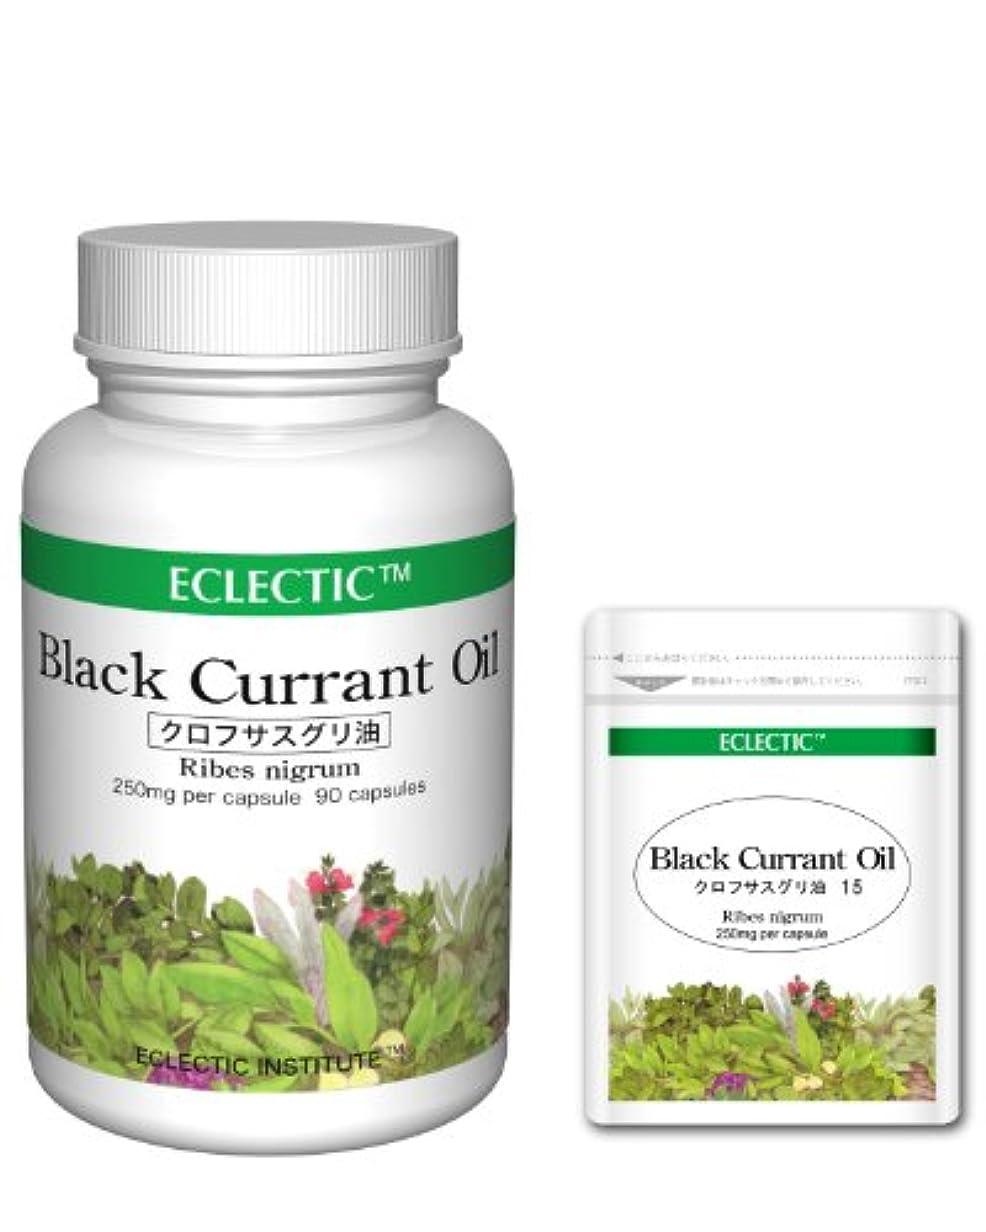 近々悩む根拠ECLECTIC エクレクティック クロフサスグリ油 Black Currant Oil オイル 250mg 90カプセル 携帯用15カプセル付き